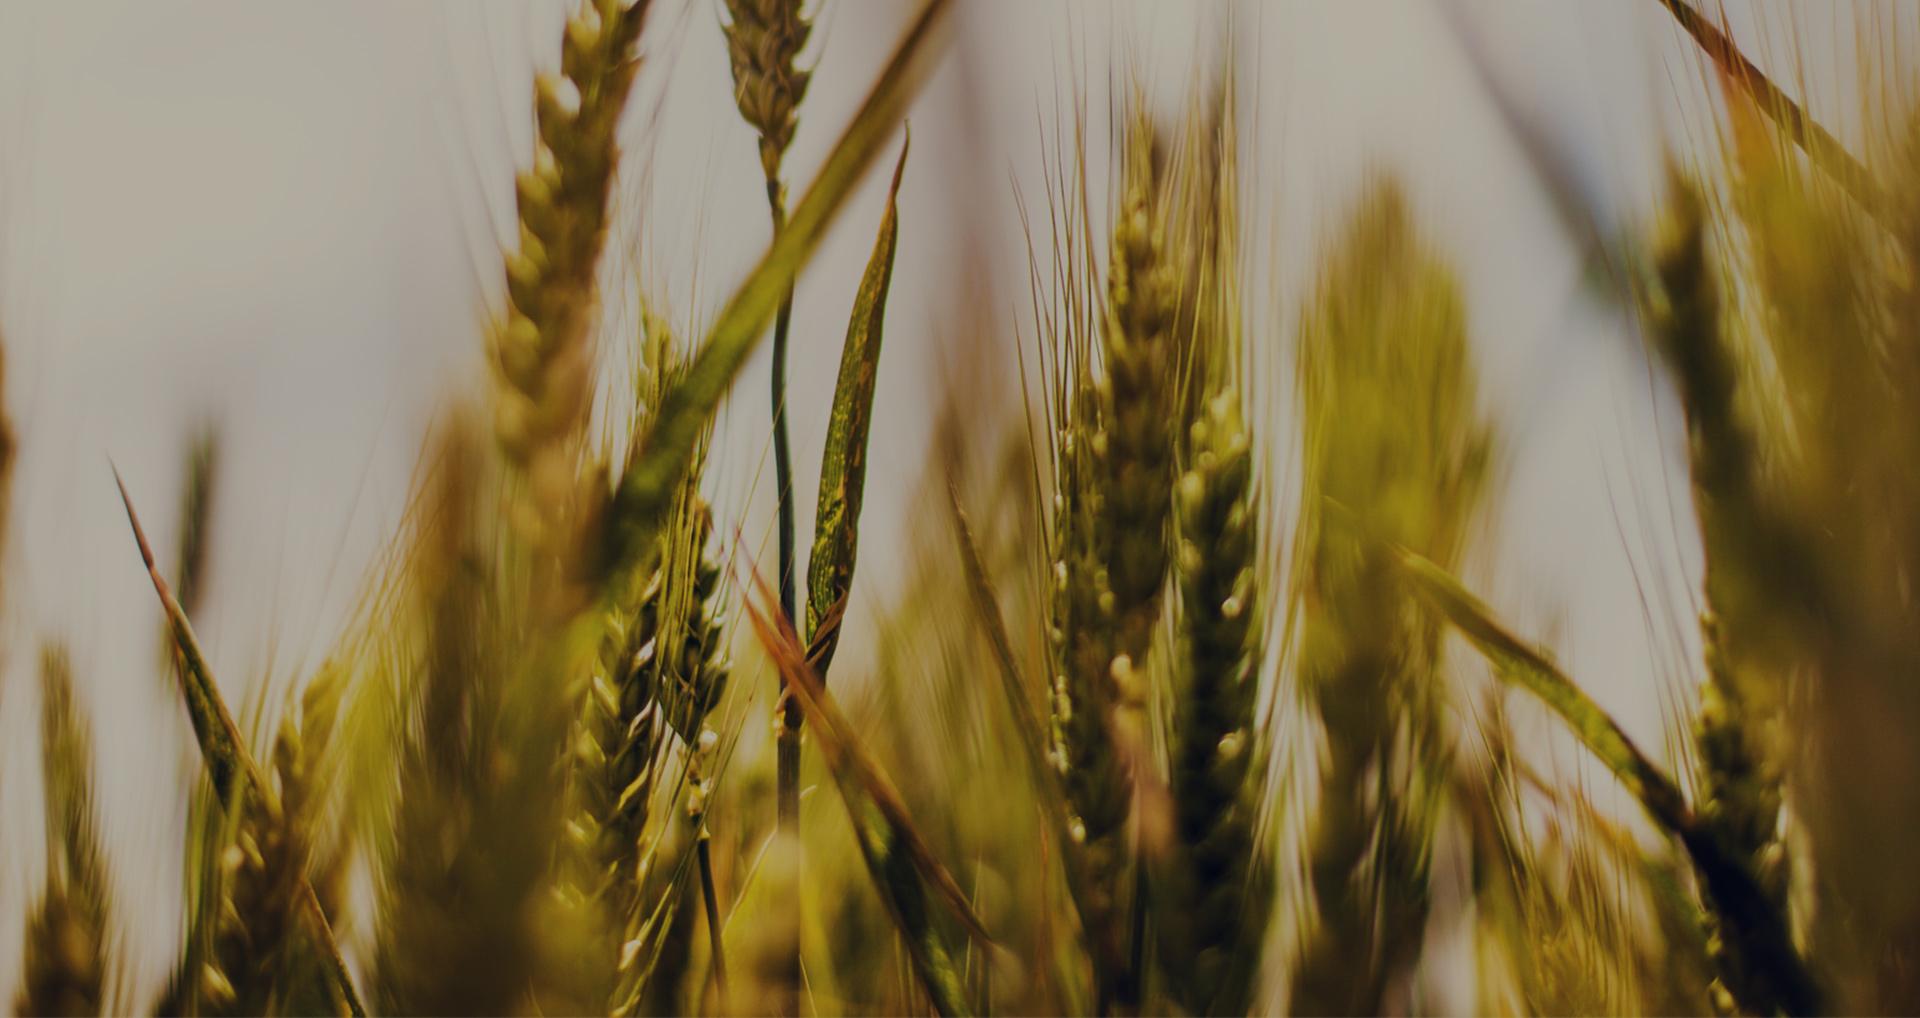 Cambio climático amenaza la base de la seguridad alimentaria de América Latina y el Caribe: el sector agrícola